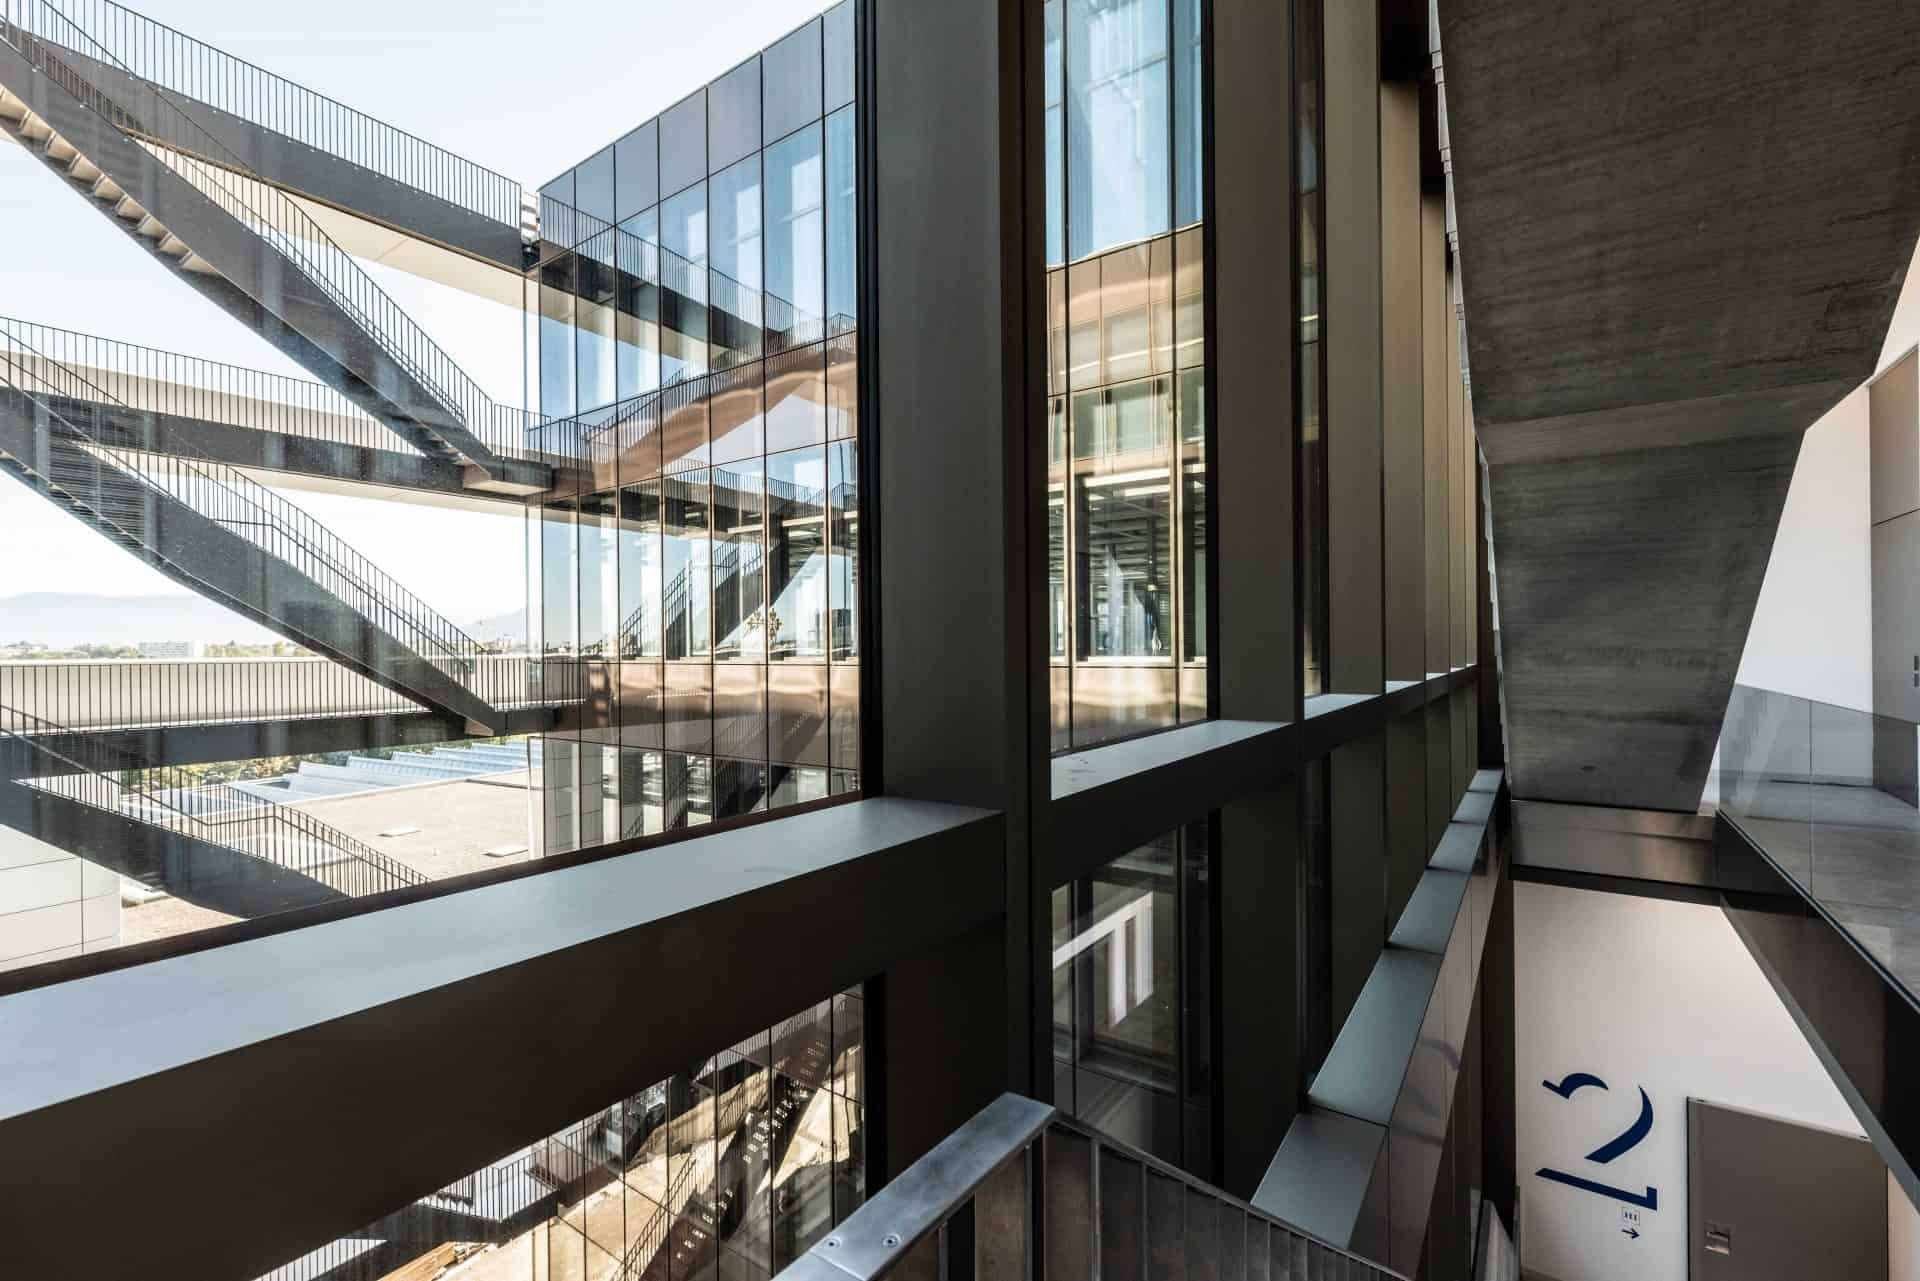 Das neue Manufakturgebäude von Patek Philippe in Plan-les-Quates